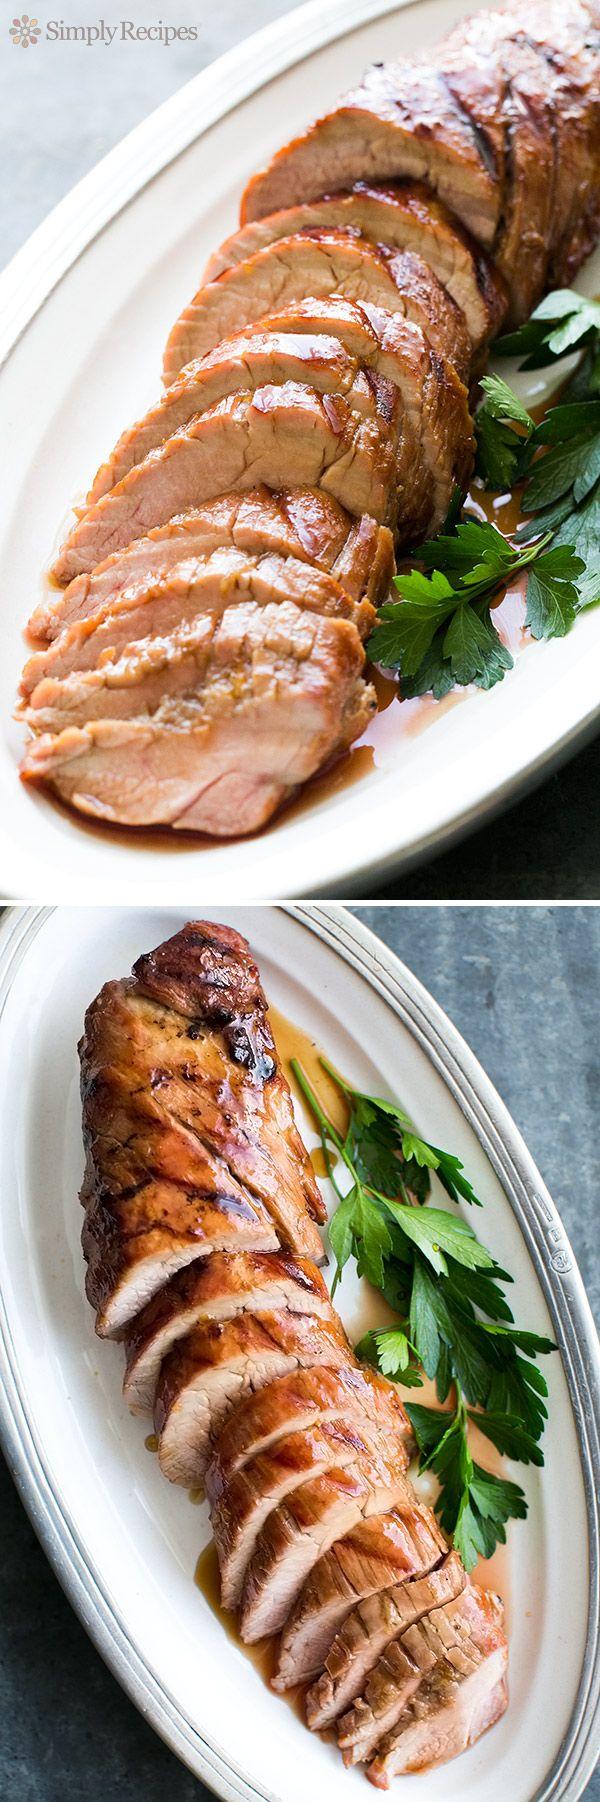 Grilled Pork Tenderloin with Orange Marmalade Glaze ~ Grilled pork tenderloin topped with a tasty orange marmalade glaze. ~ SimplyRecipes.com